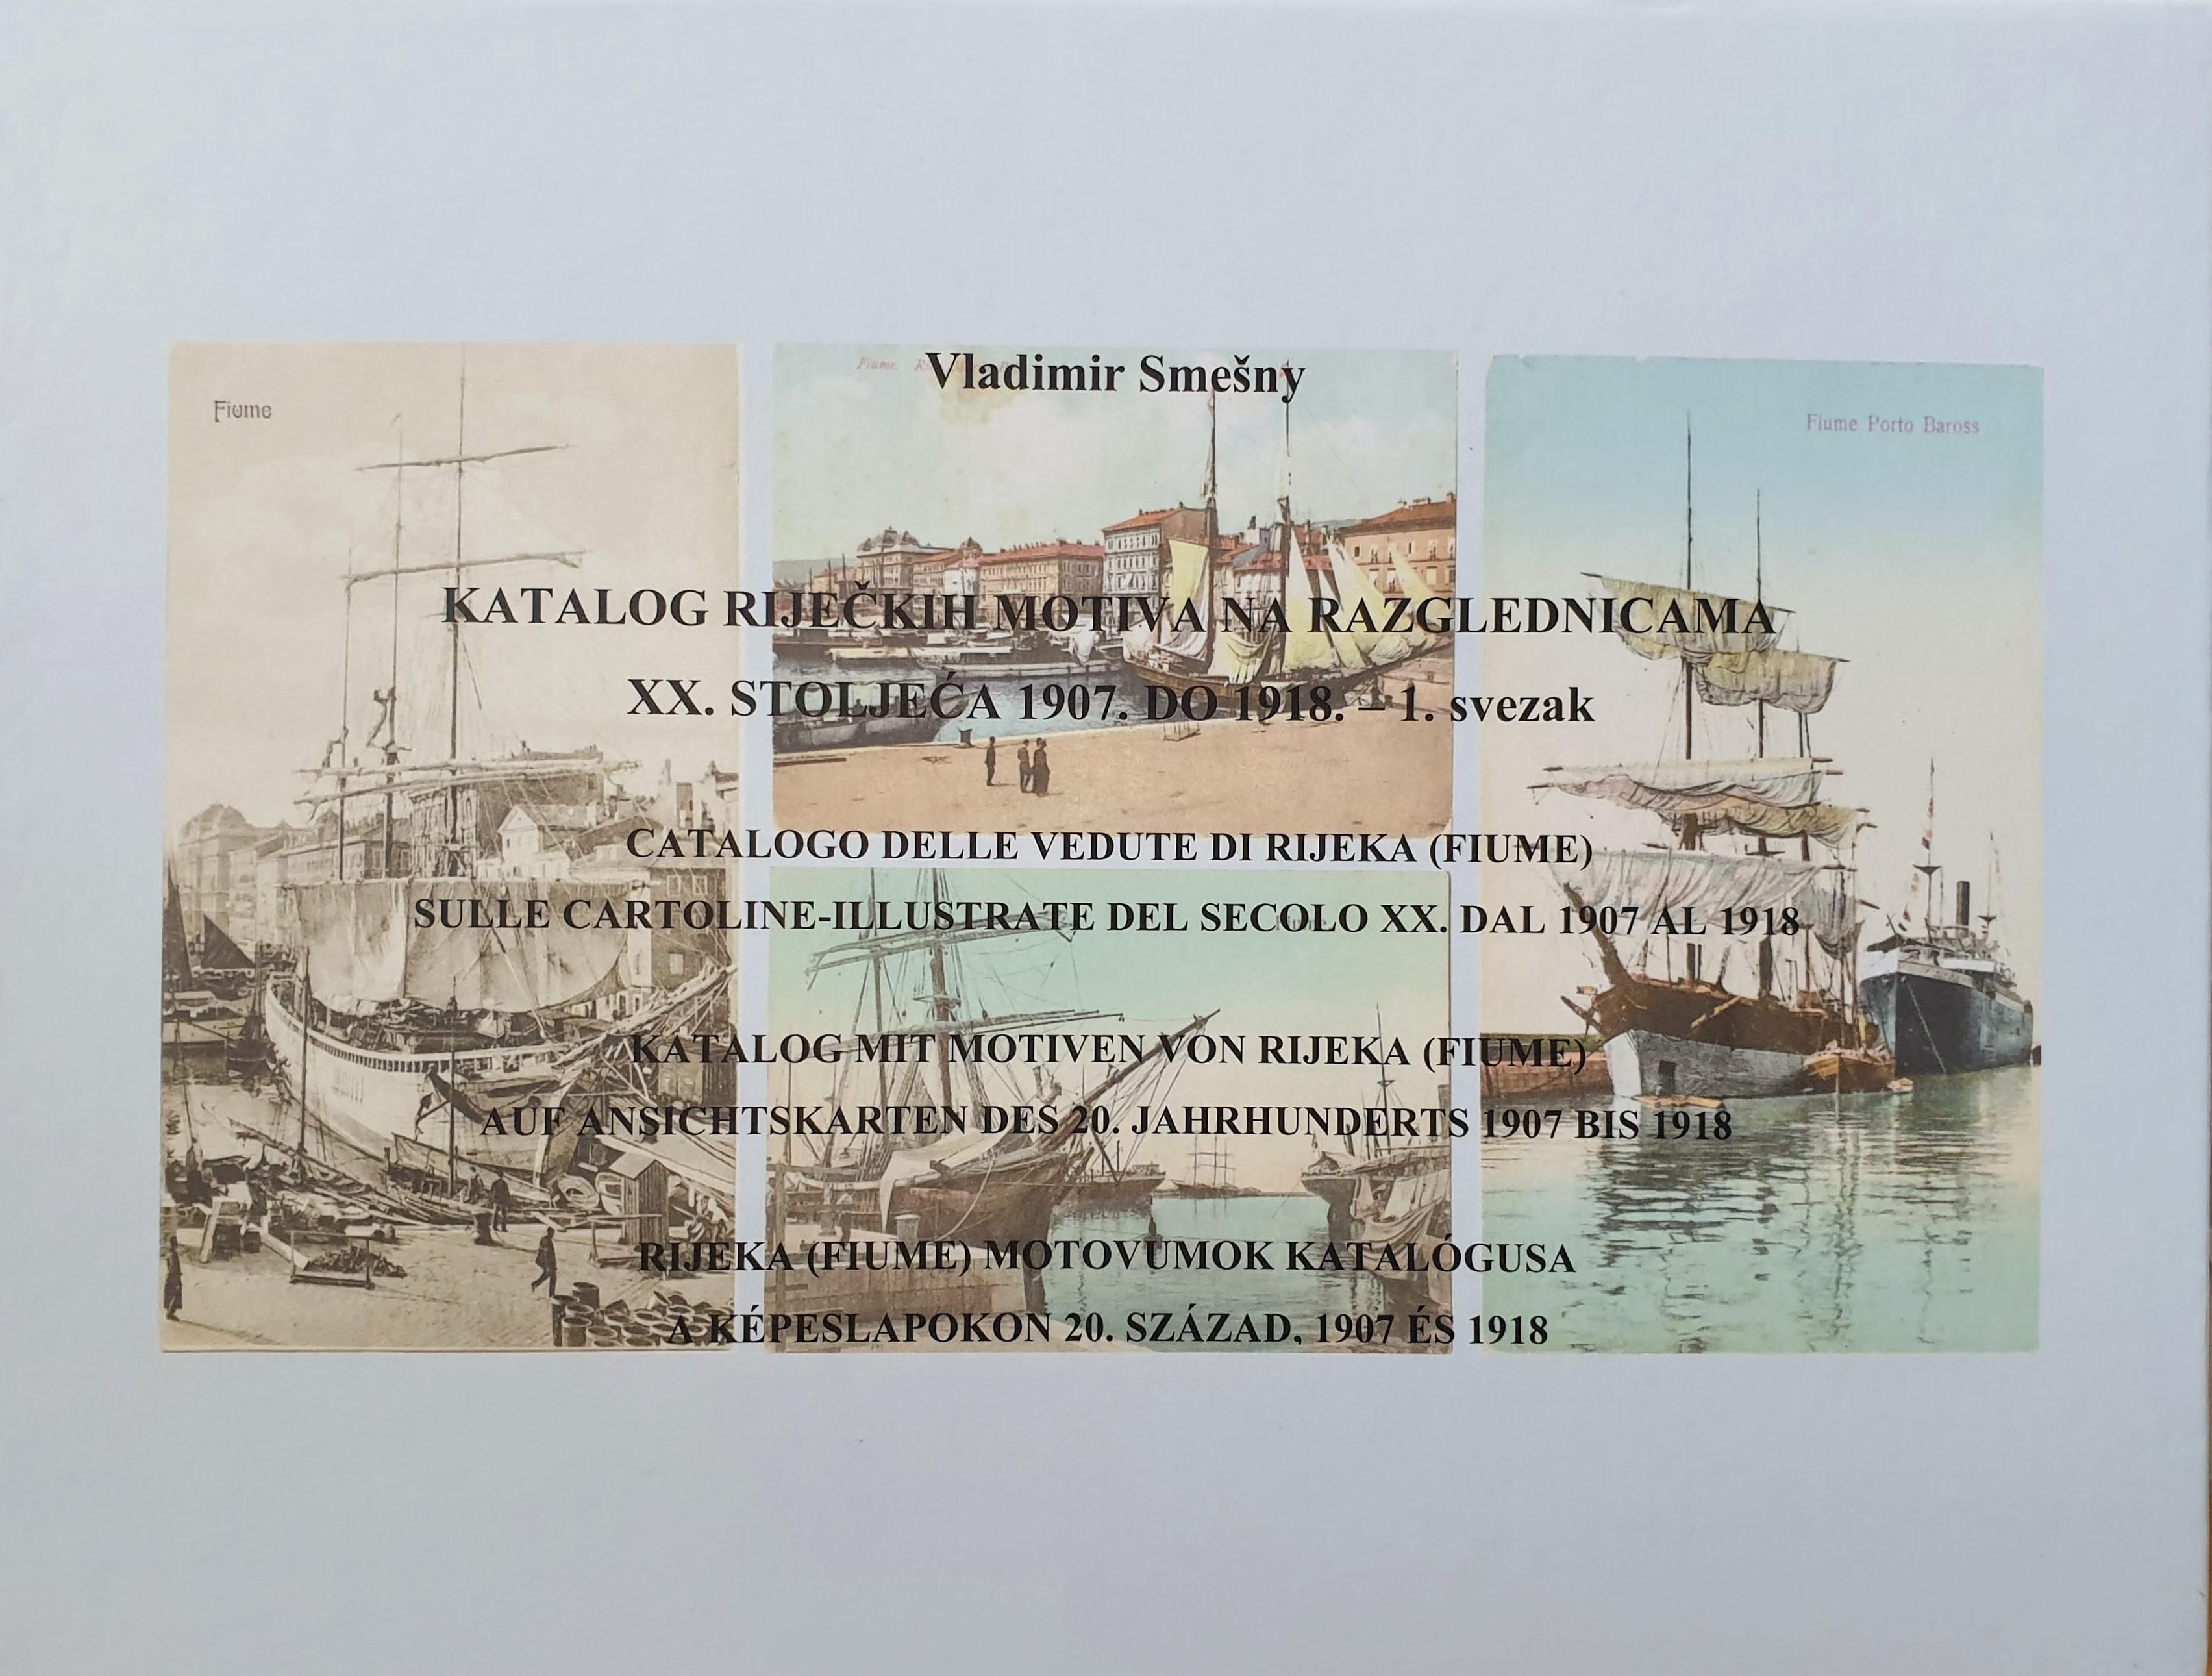 V. Smešny: Katalog riječkih motiva na razglednicama XX. stoljeća 1907.-1914. prvi dio